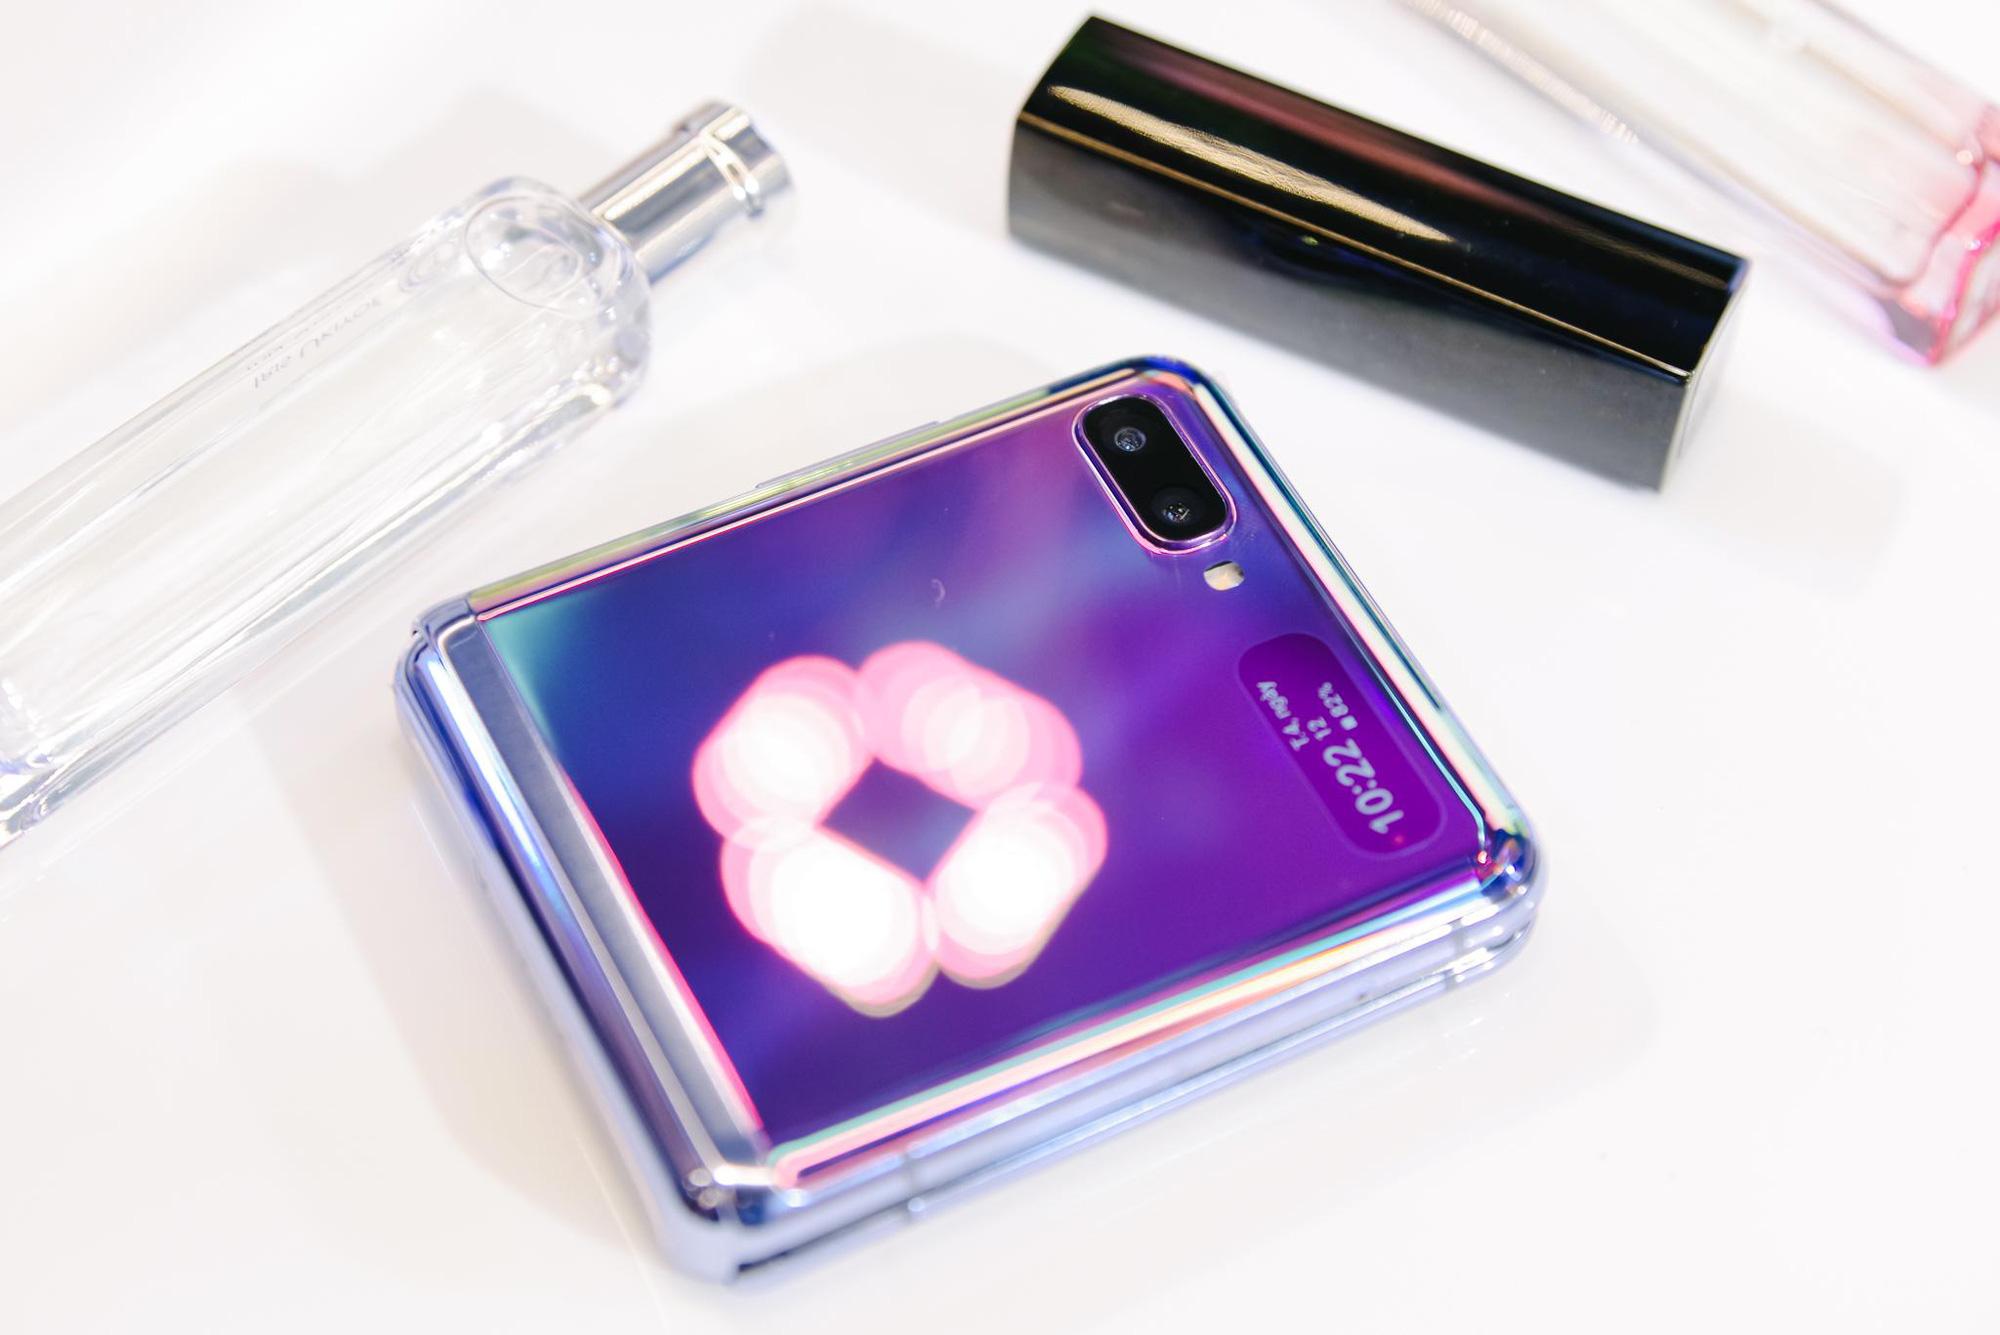 Galaxy Z Flip ra mắt chính thức tại Việt Nam, mở đầu xu hướng thời trang công nghệ mới - Ảnh 6.